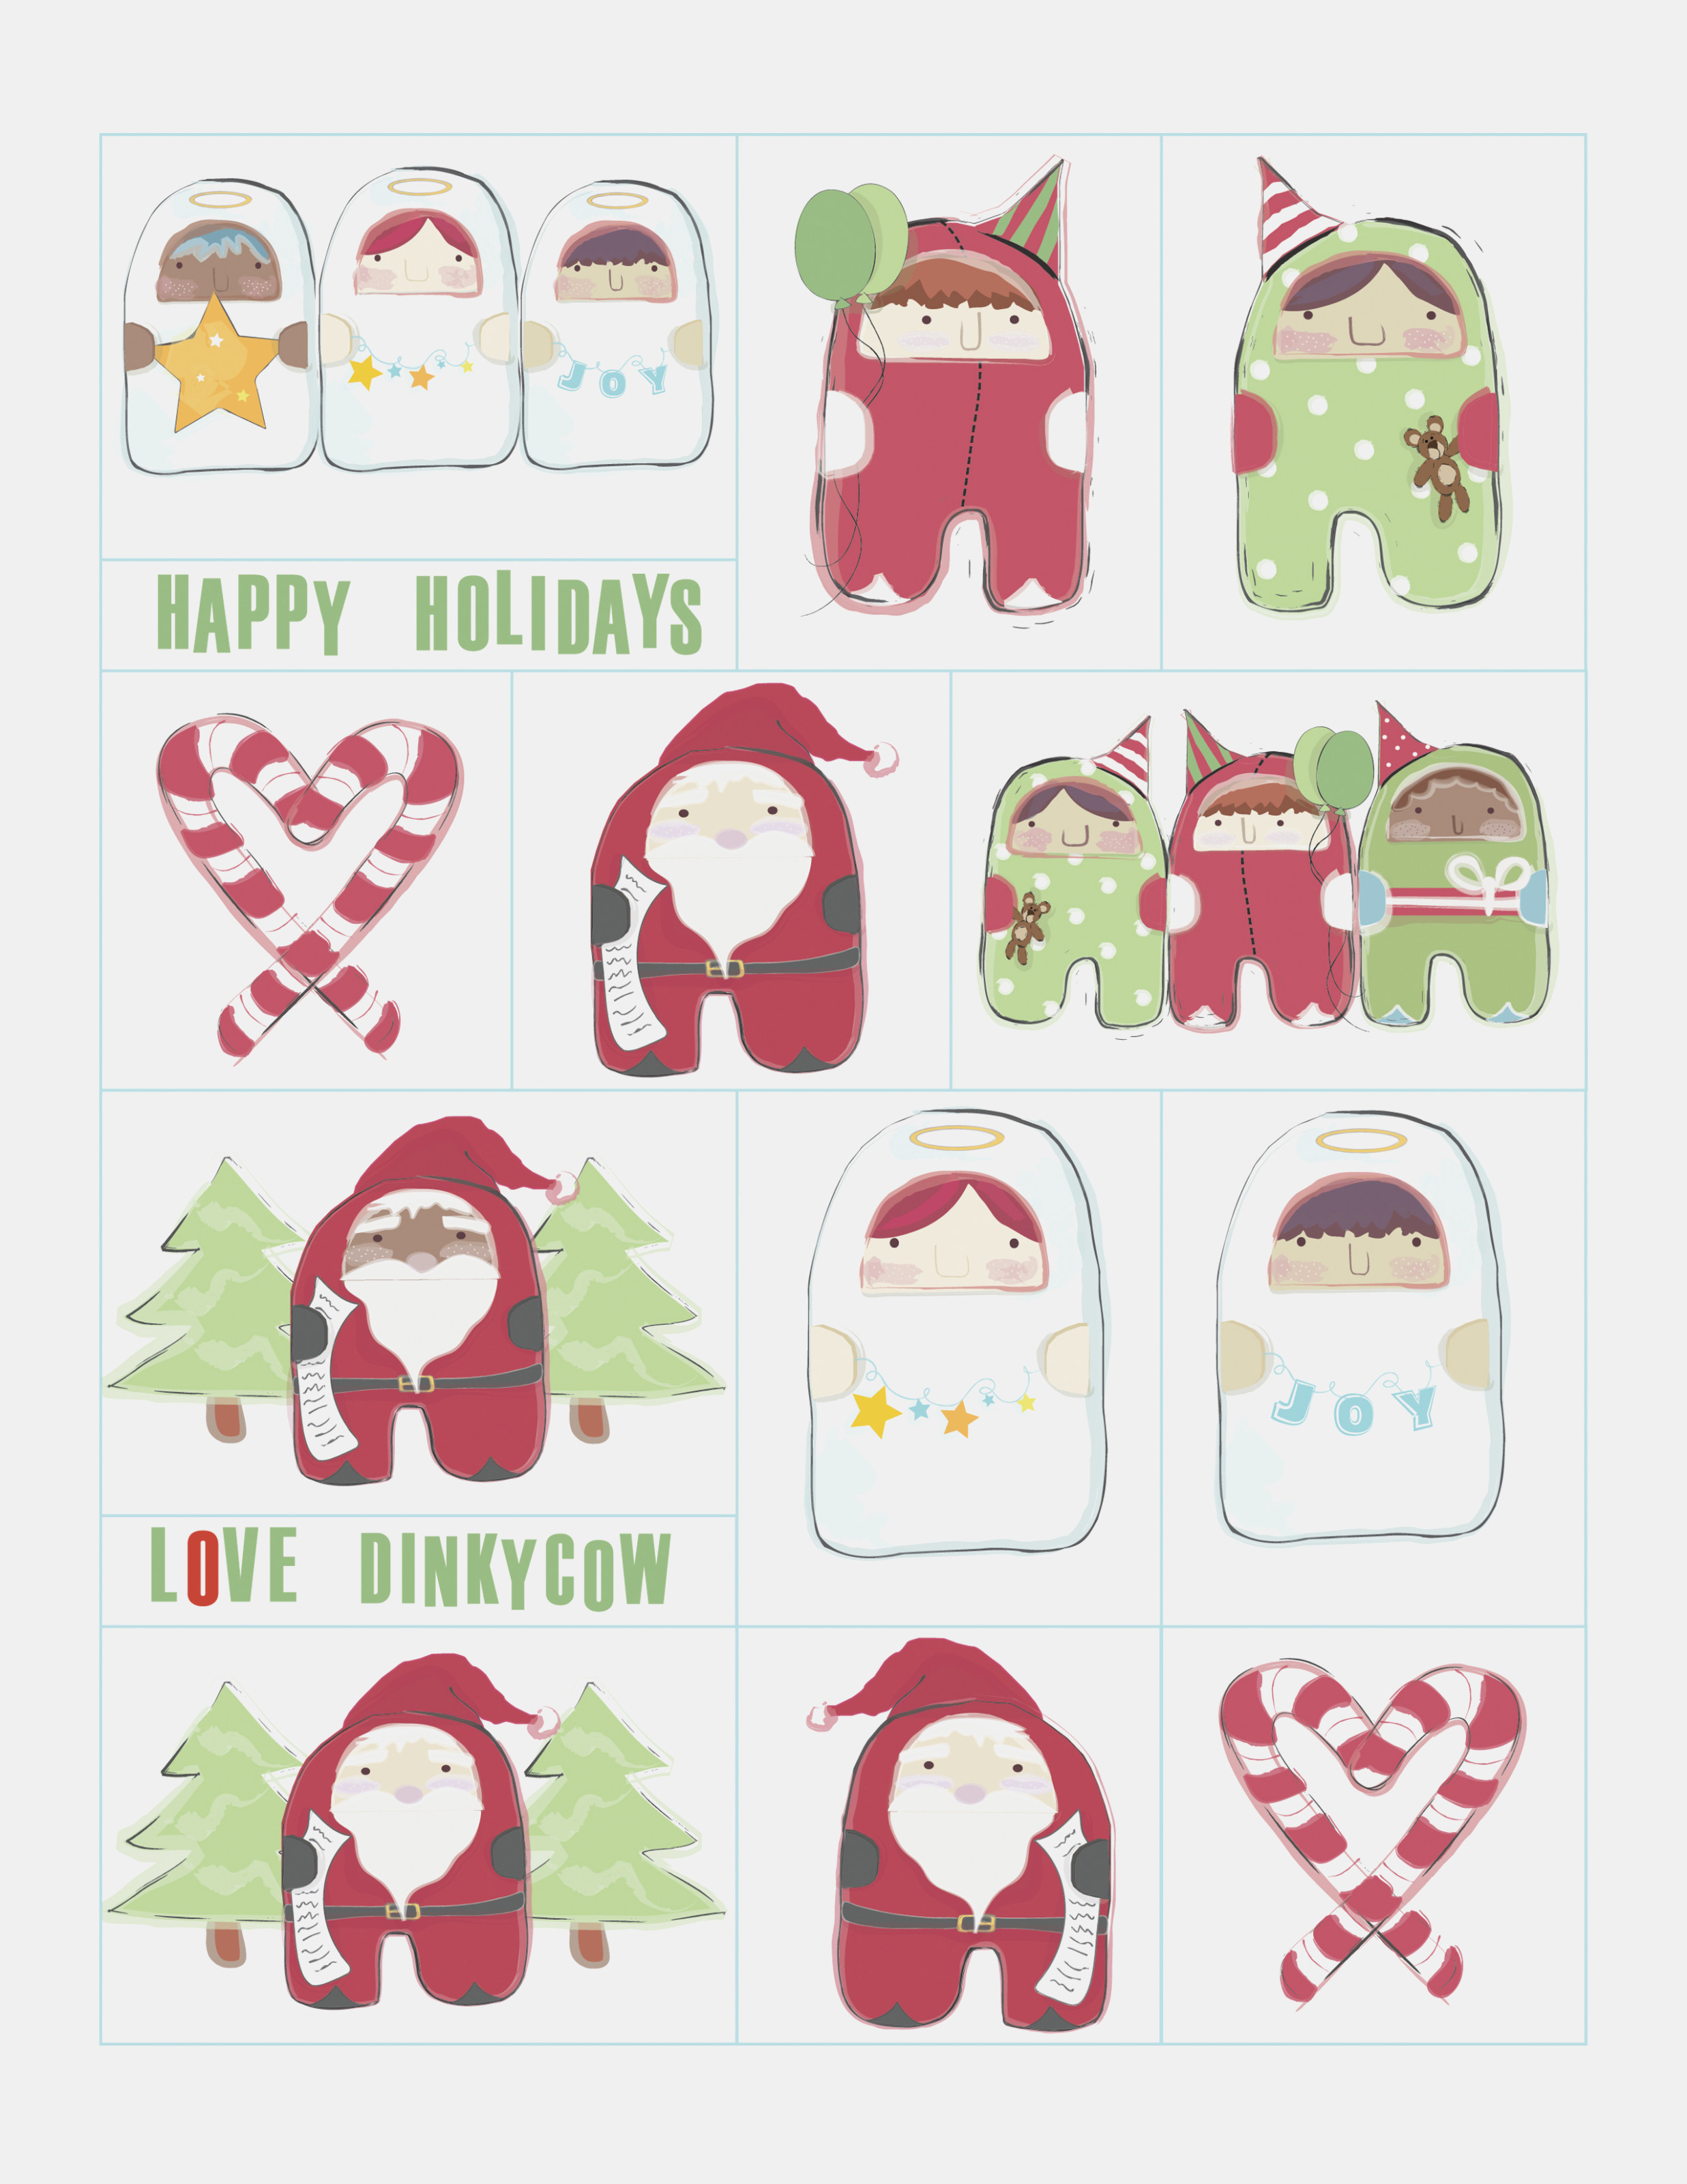 Free Printable Christmas Gift Tags | Dinky Cow – Free Printable - Free Printable Holiday Gift Labels